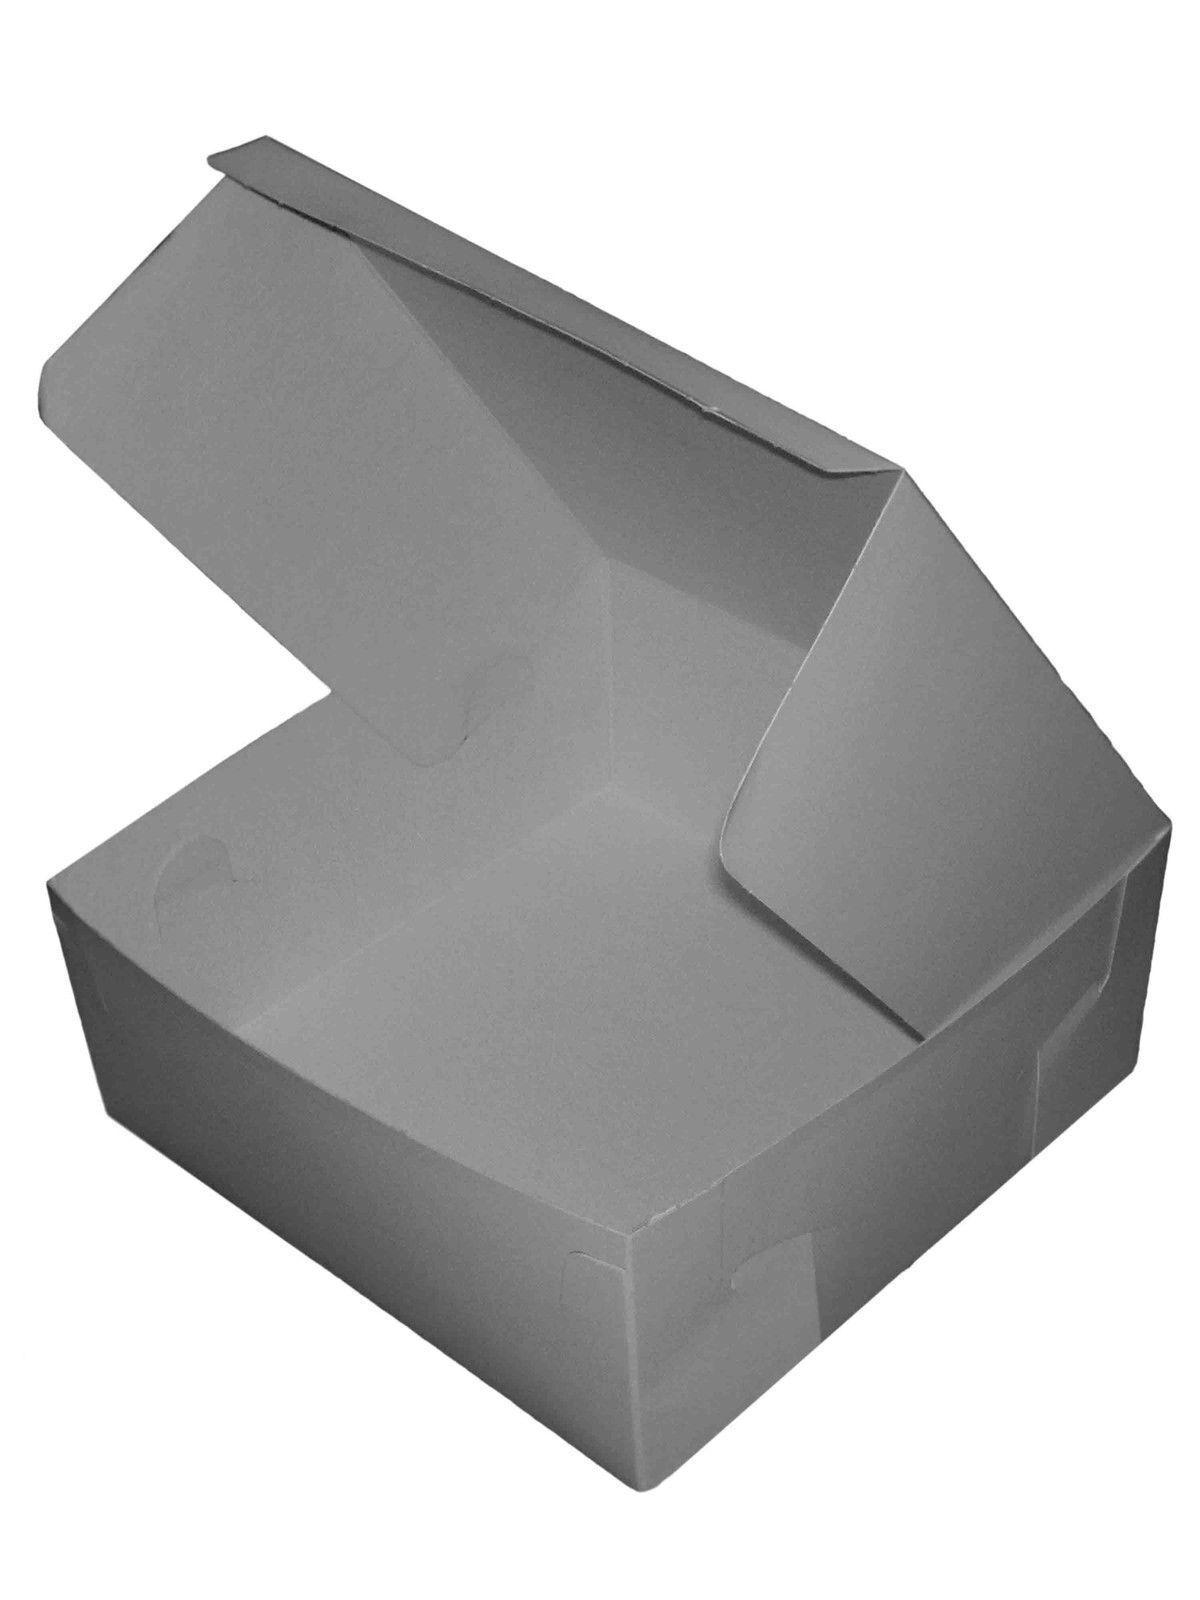 Forte Bianco Fata Panificio Torta Dolce Muffin Scatole Panificio Fata Festa 100 250 500 1000 03f7de